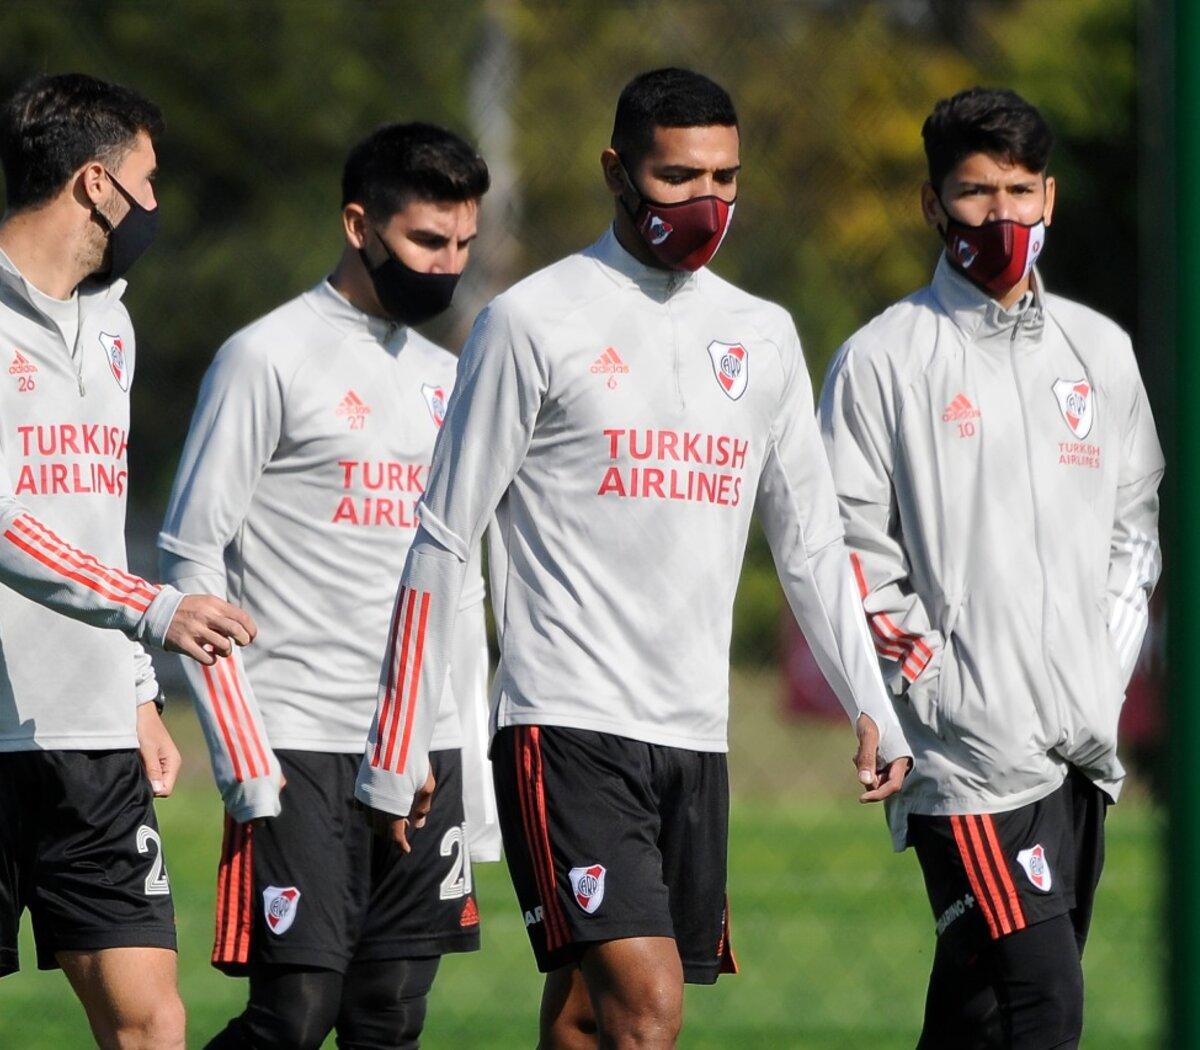 Alerta en River por nuevos casos de coronavirus: ¿No llega a 11 jugadores?  | Ya son 20 los contagiados y el miércoles tiene partido por Copa  Libertadores | Página12